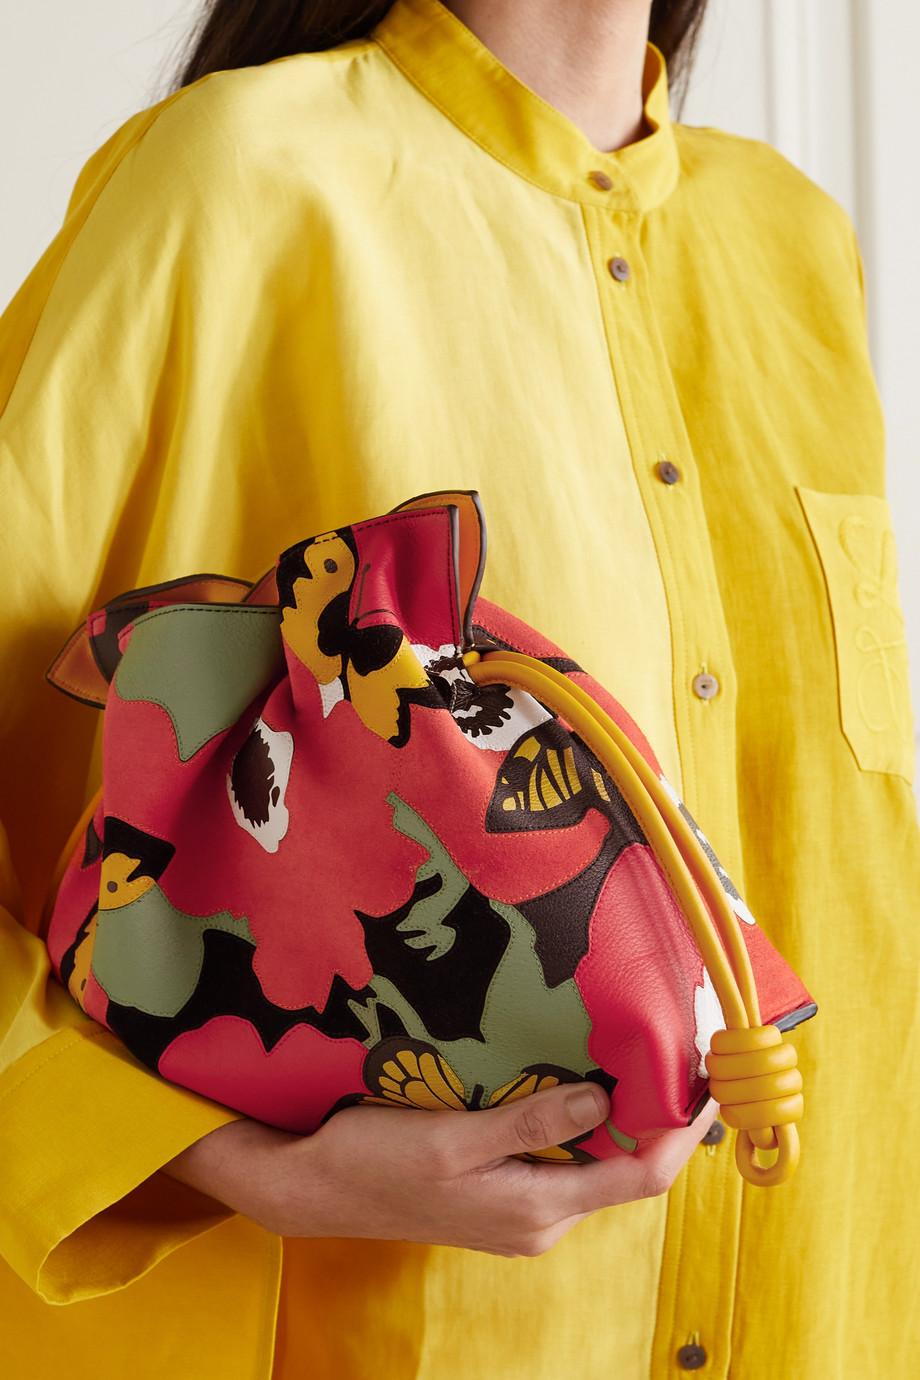 Loewe + Joe Brainard Flamenco Clutch aus Leder mit Einlegearbeit